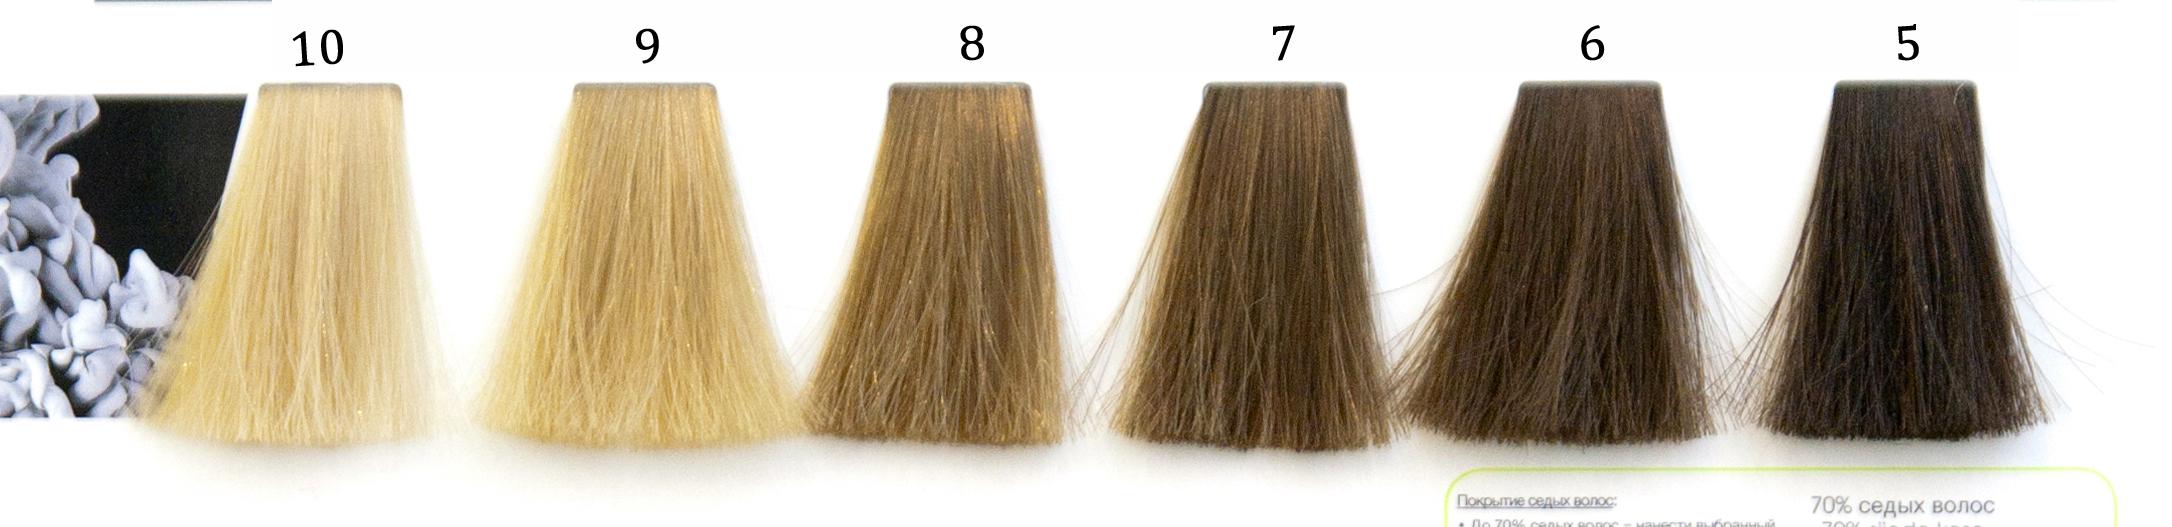 Альцина краска для волос цена